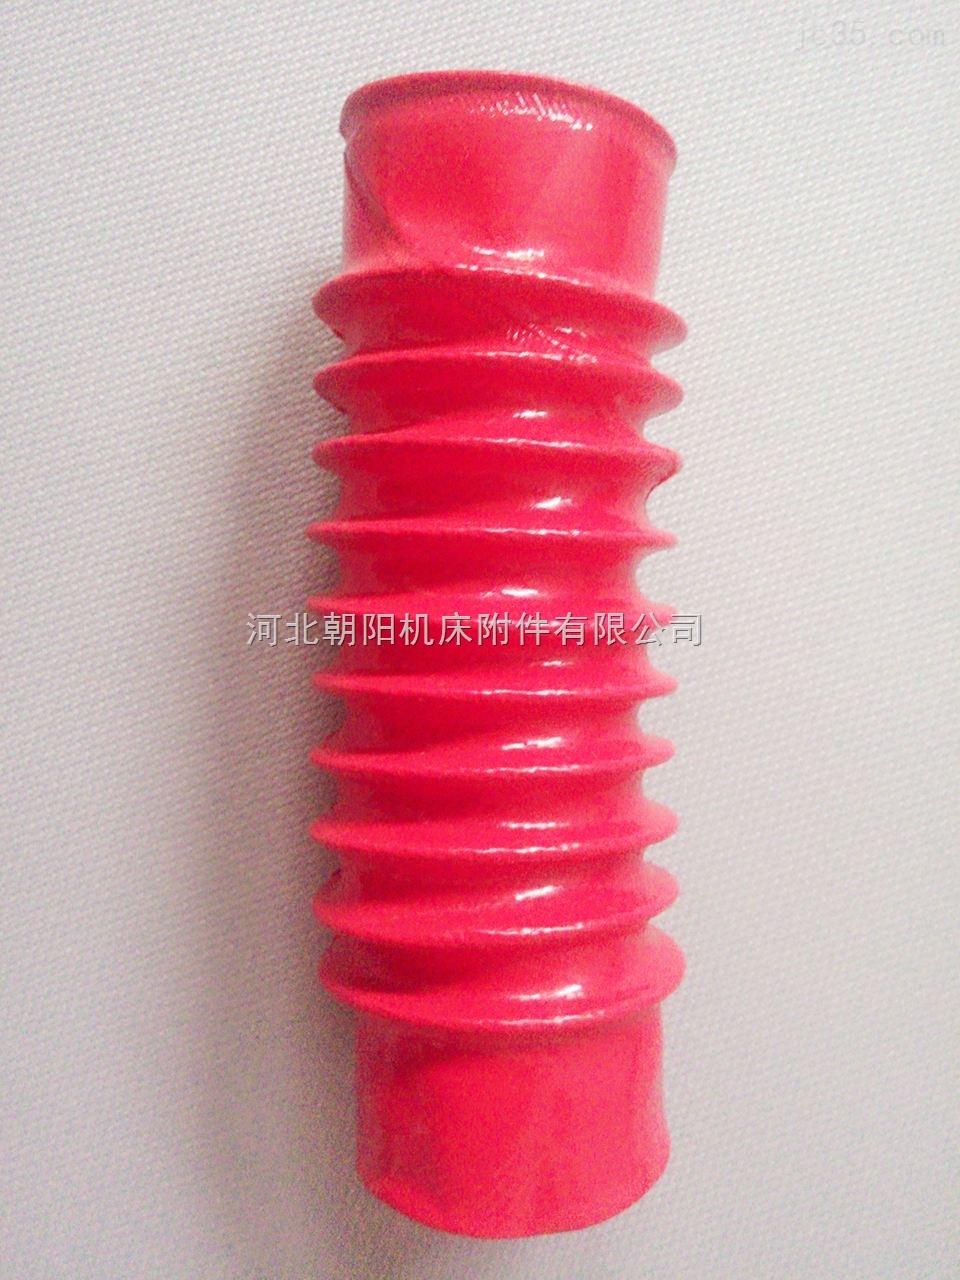 耐油耐高温耐酸碱丝杠防护罩